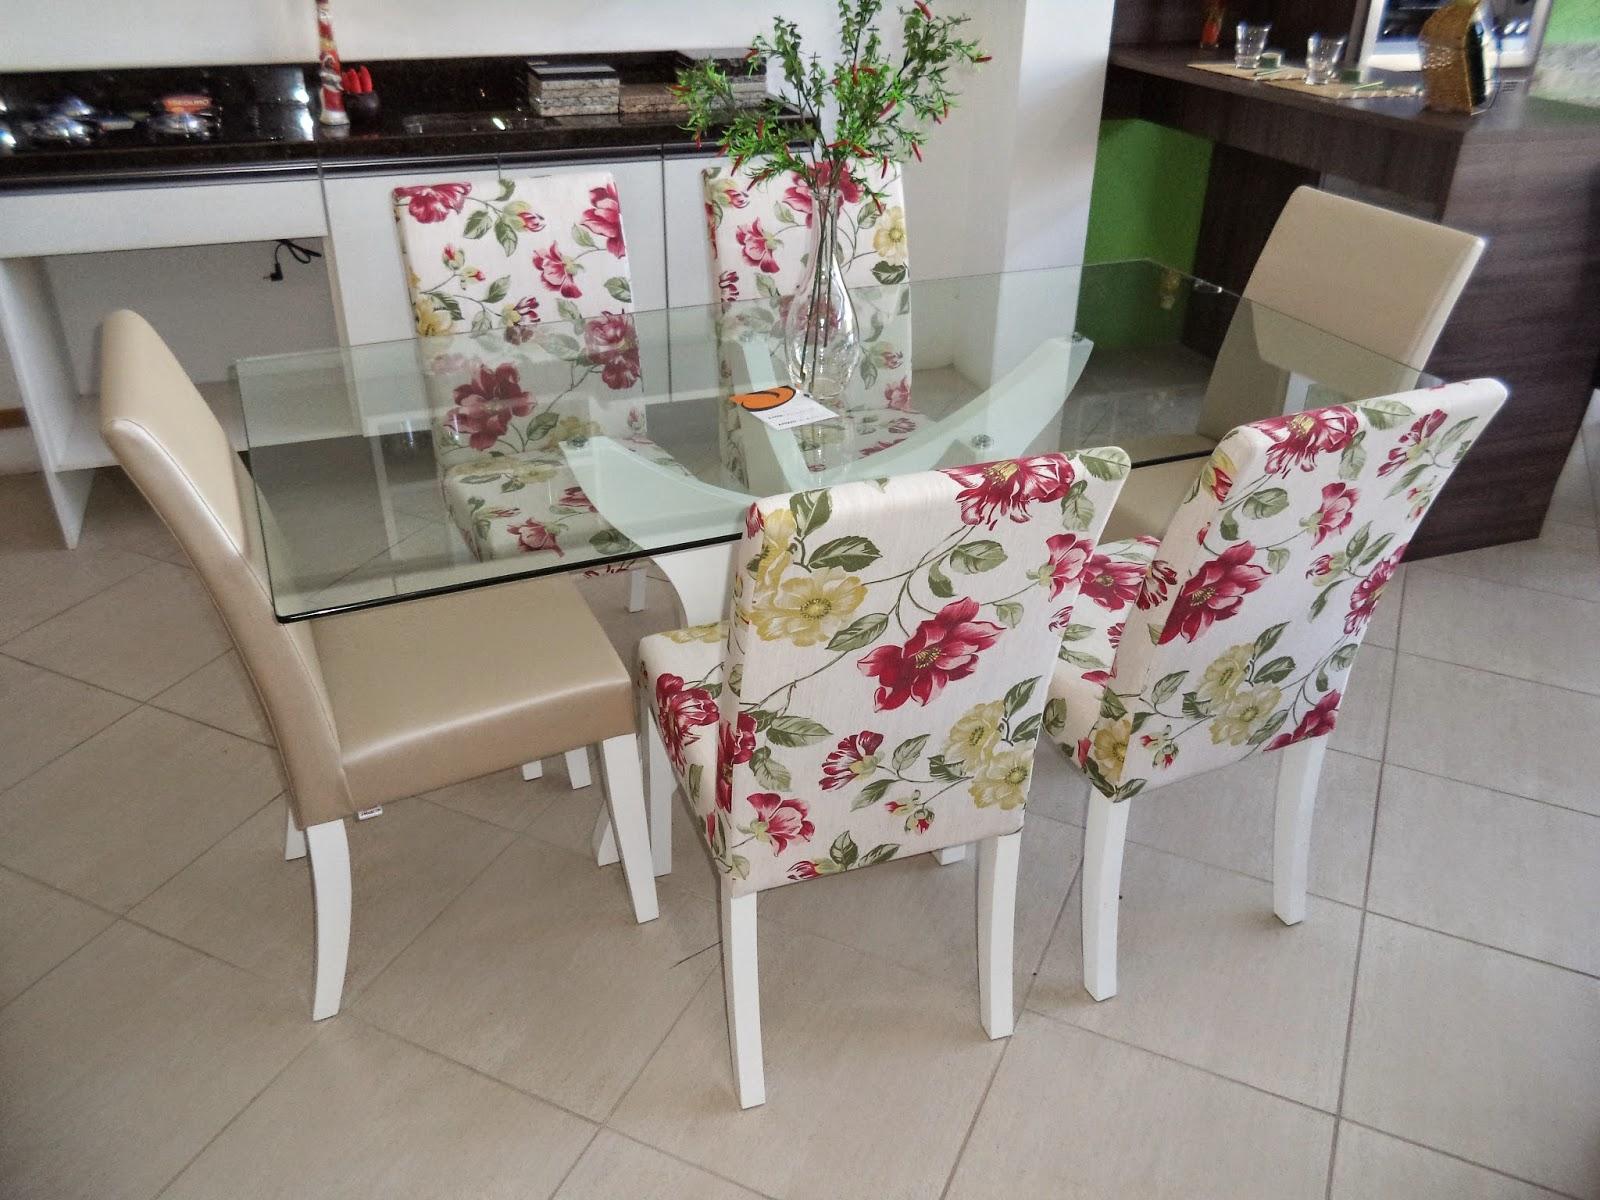 2f2dcac53a Temos diversas opções para você mobiliar a sua residência com móveis e  estofados de qualidade e conforto. Confira alguns modelos!